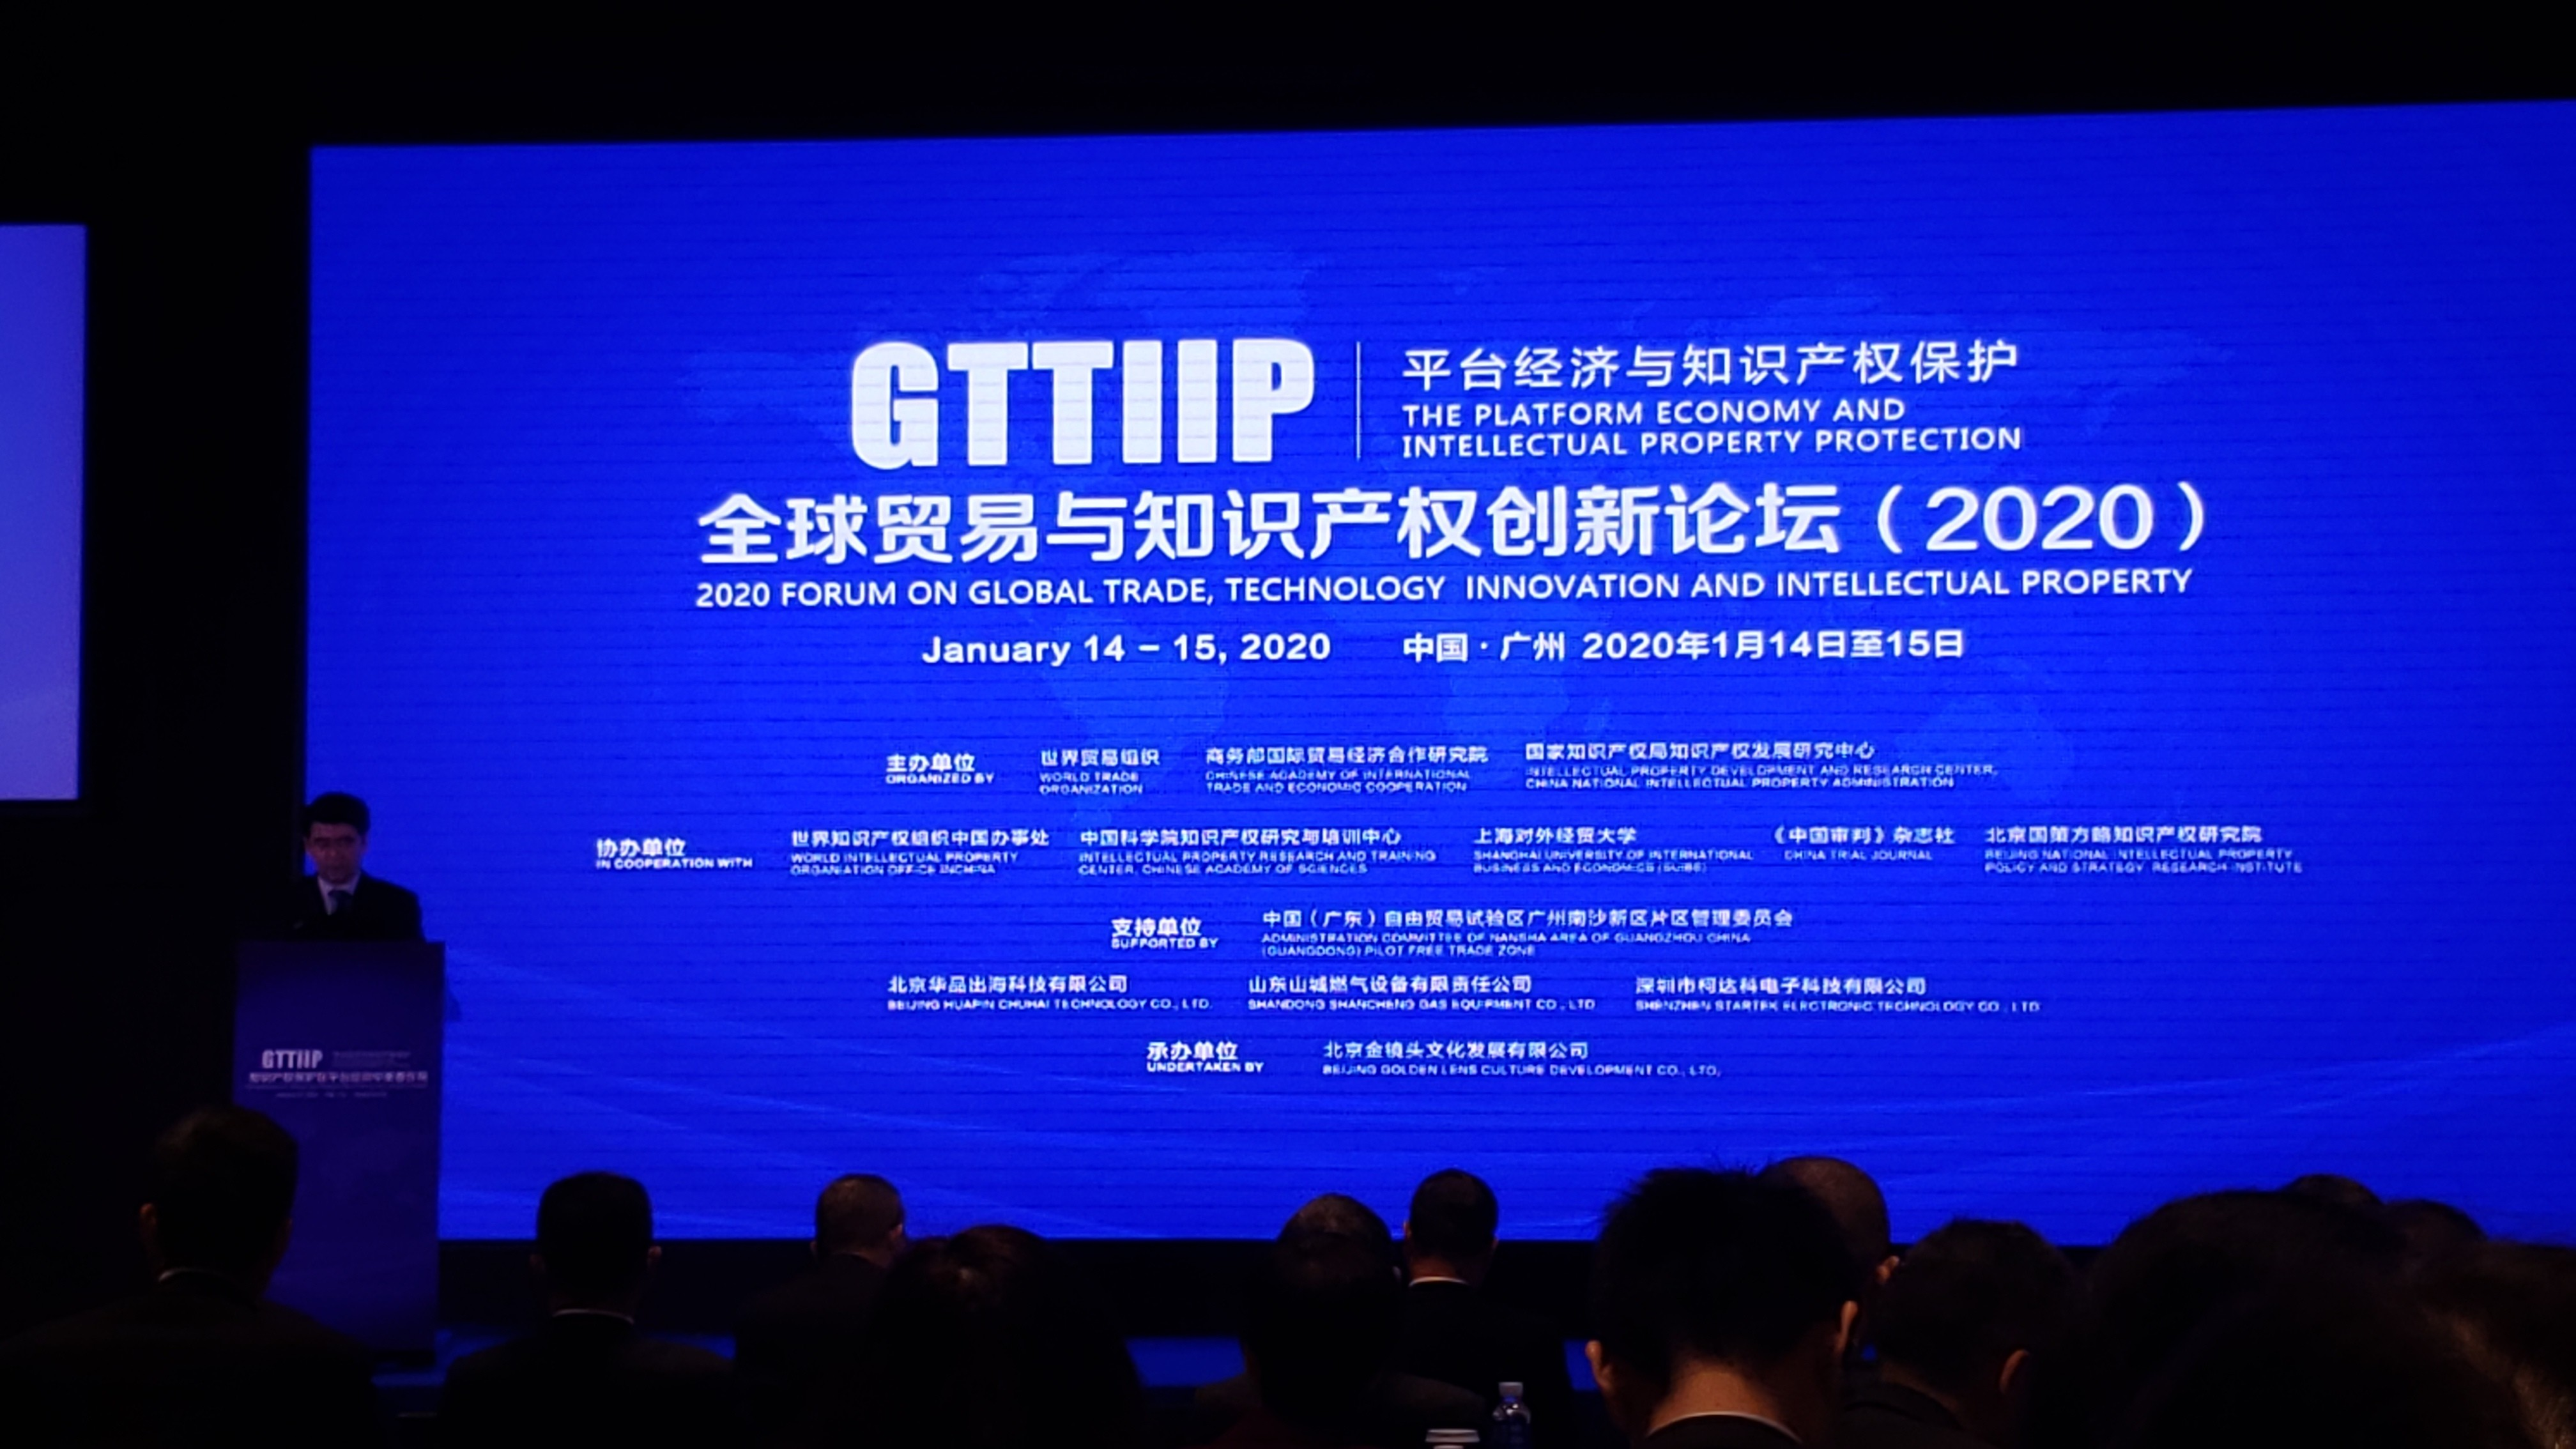 全球贸易与知识产权创新论坛(2020)在广州南沙召开